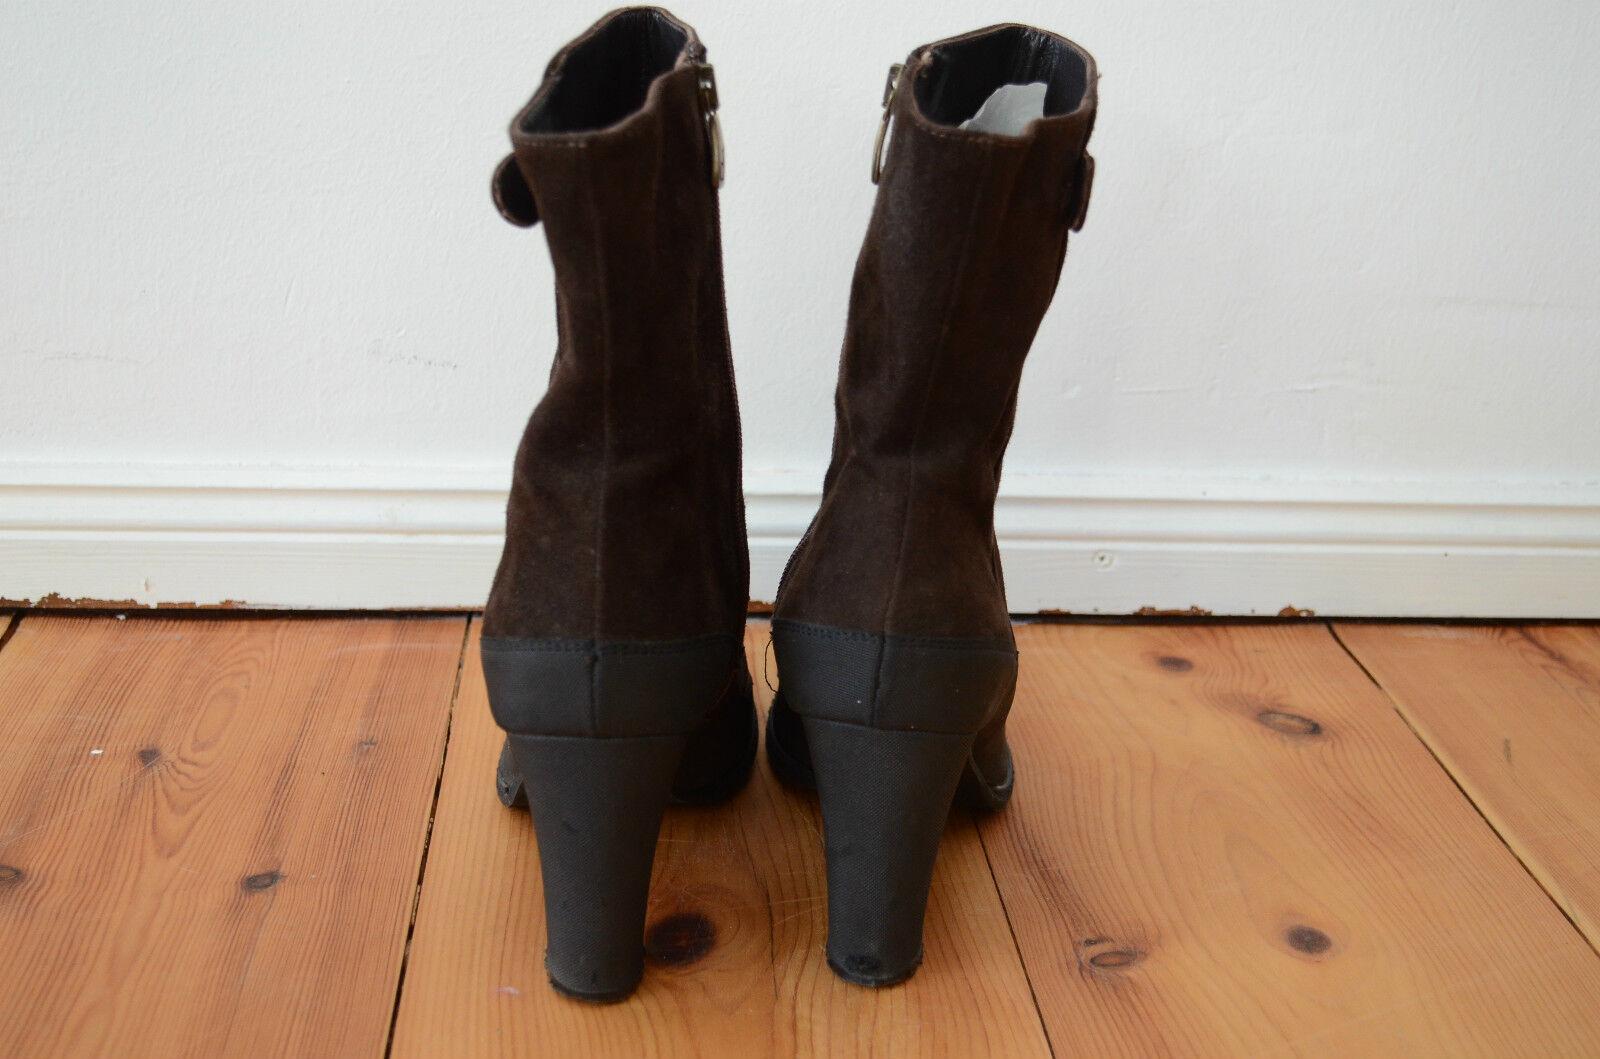 MANUFACTURE  D`ESSAI Stiefeletten Ankle Stiefel Wildleder 40  MANUFACTURE 195,-€Stiefel 949def